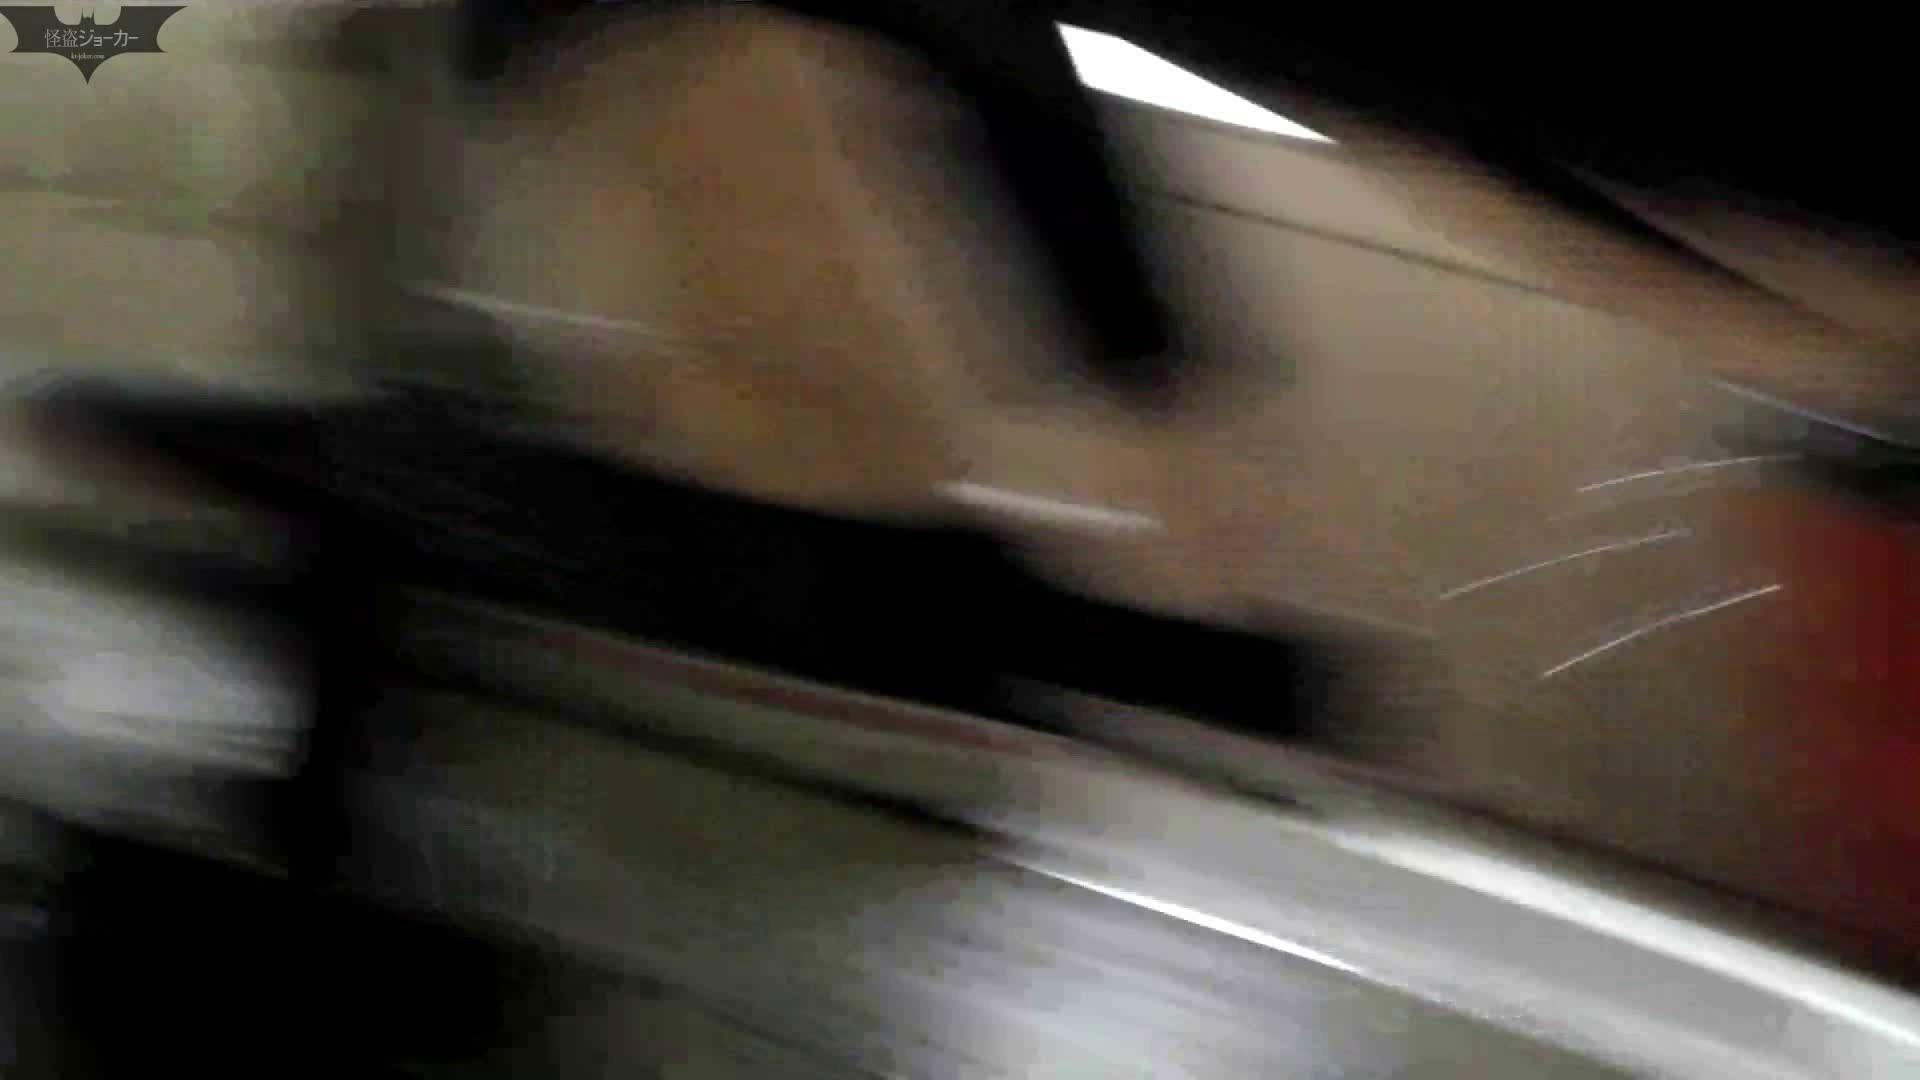 ステーション編 vol.25 必見桜庭みなみ?似 登場! 丸見え ワレメ無修正動画無料 110画像 44